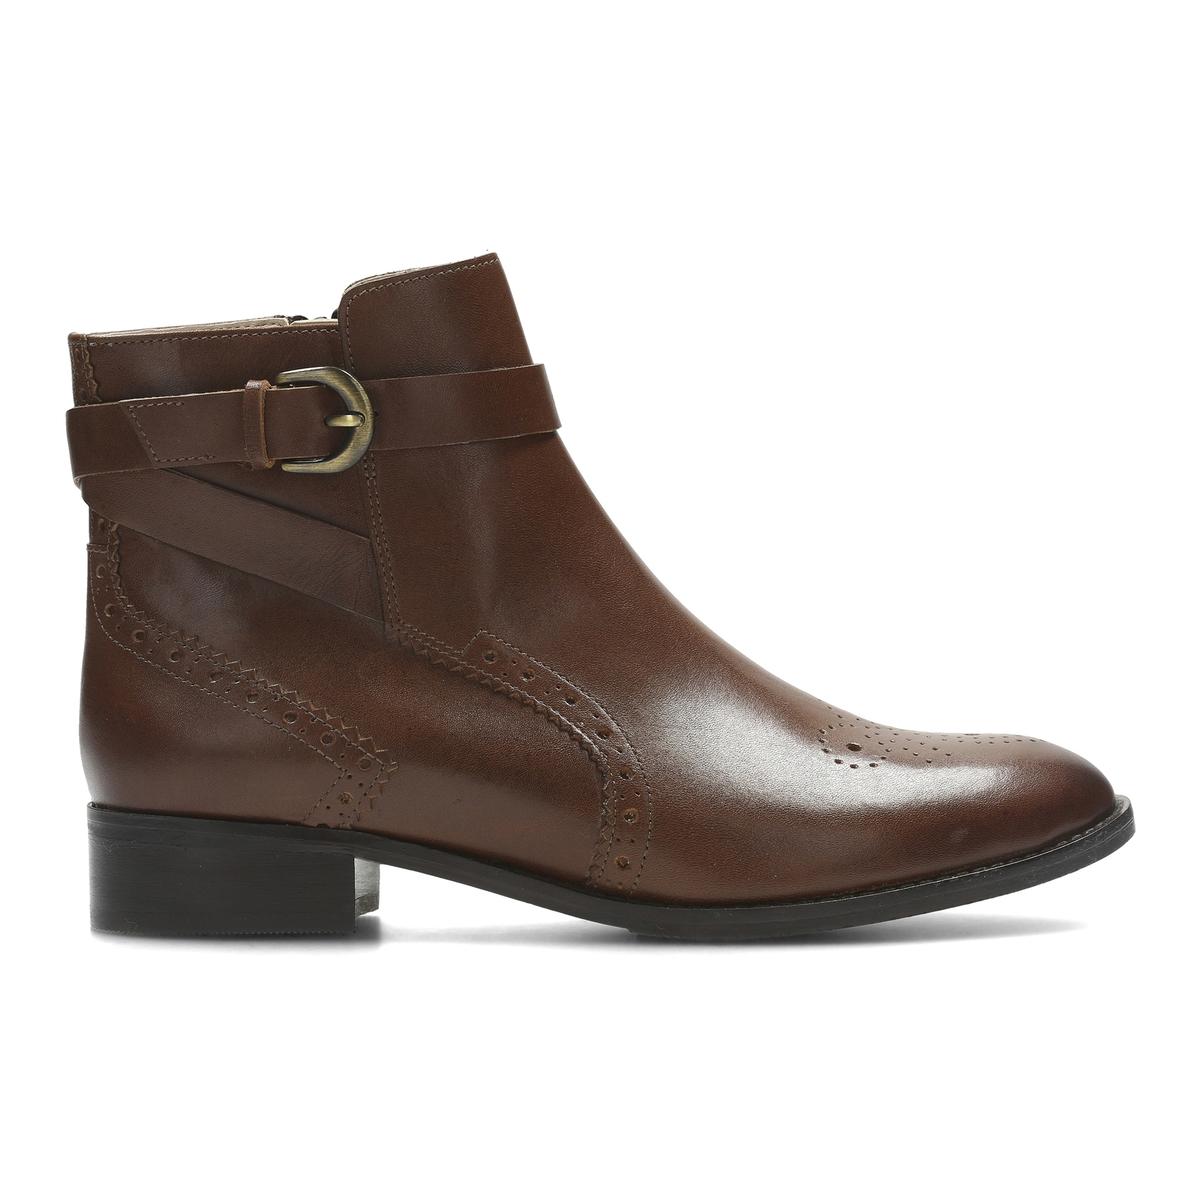 Ботильоны кожаные Netley Olivia ботинки дерби кожаные netley rose